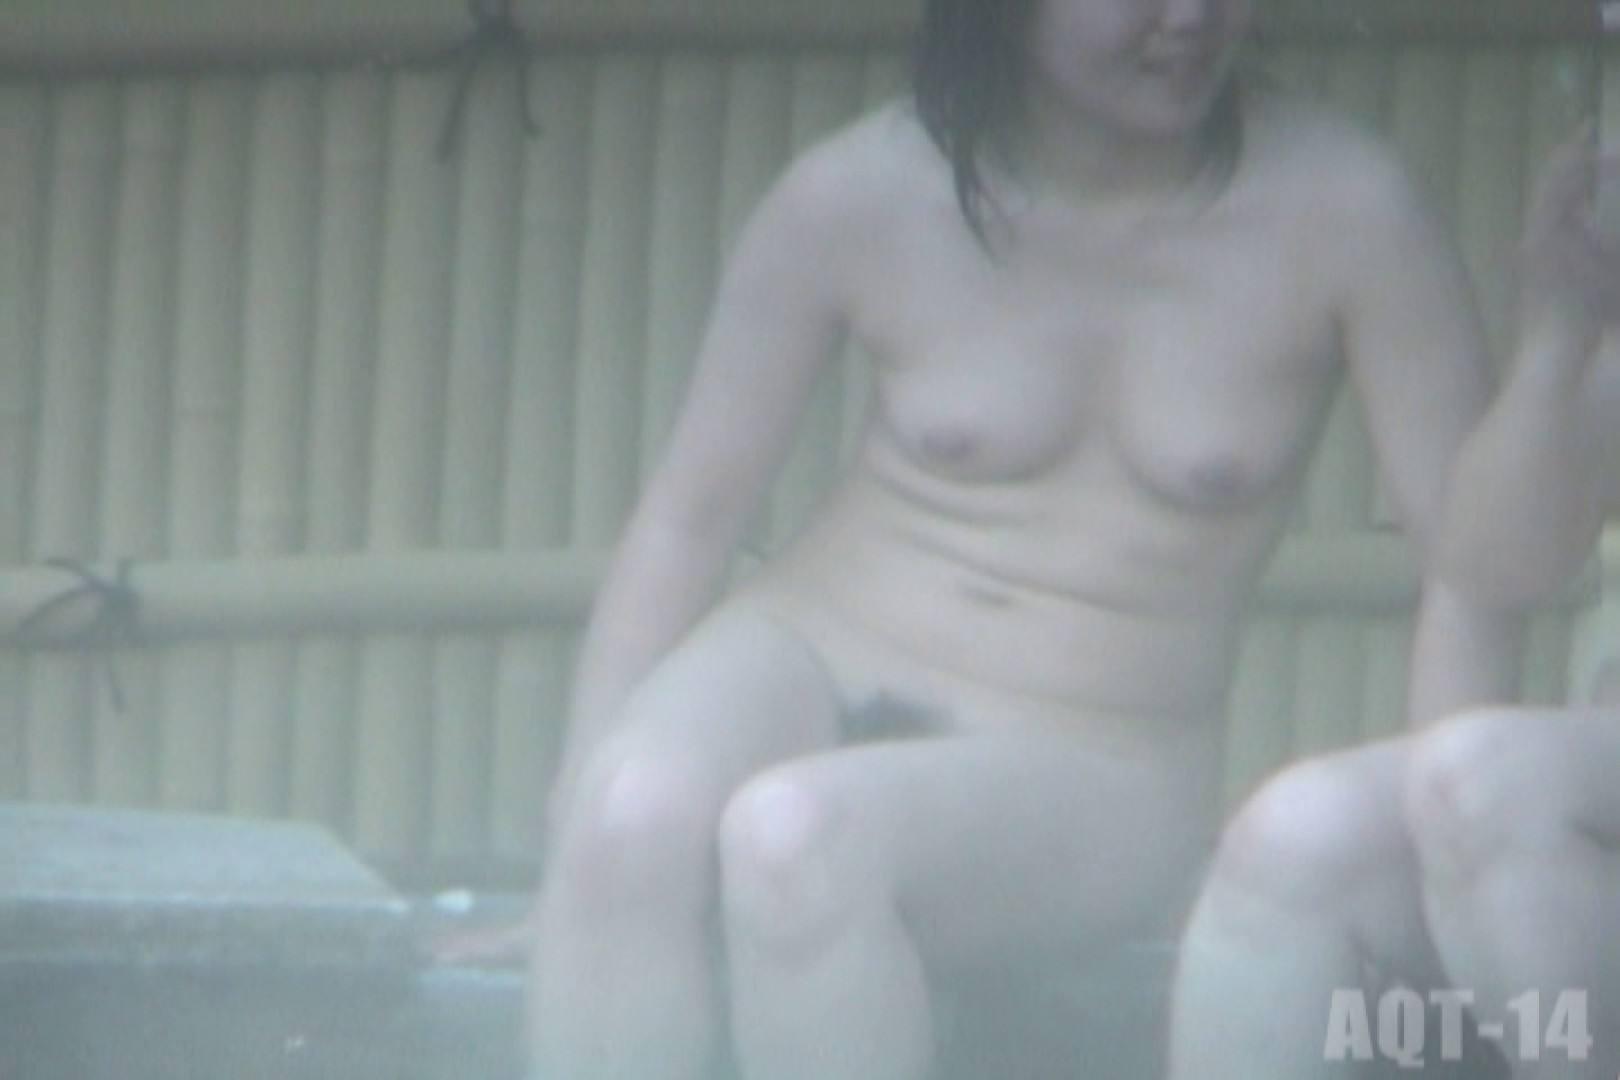 Aquaな露天風呂Vol.830 OLのエロ生活   盗撮  34連発 34